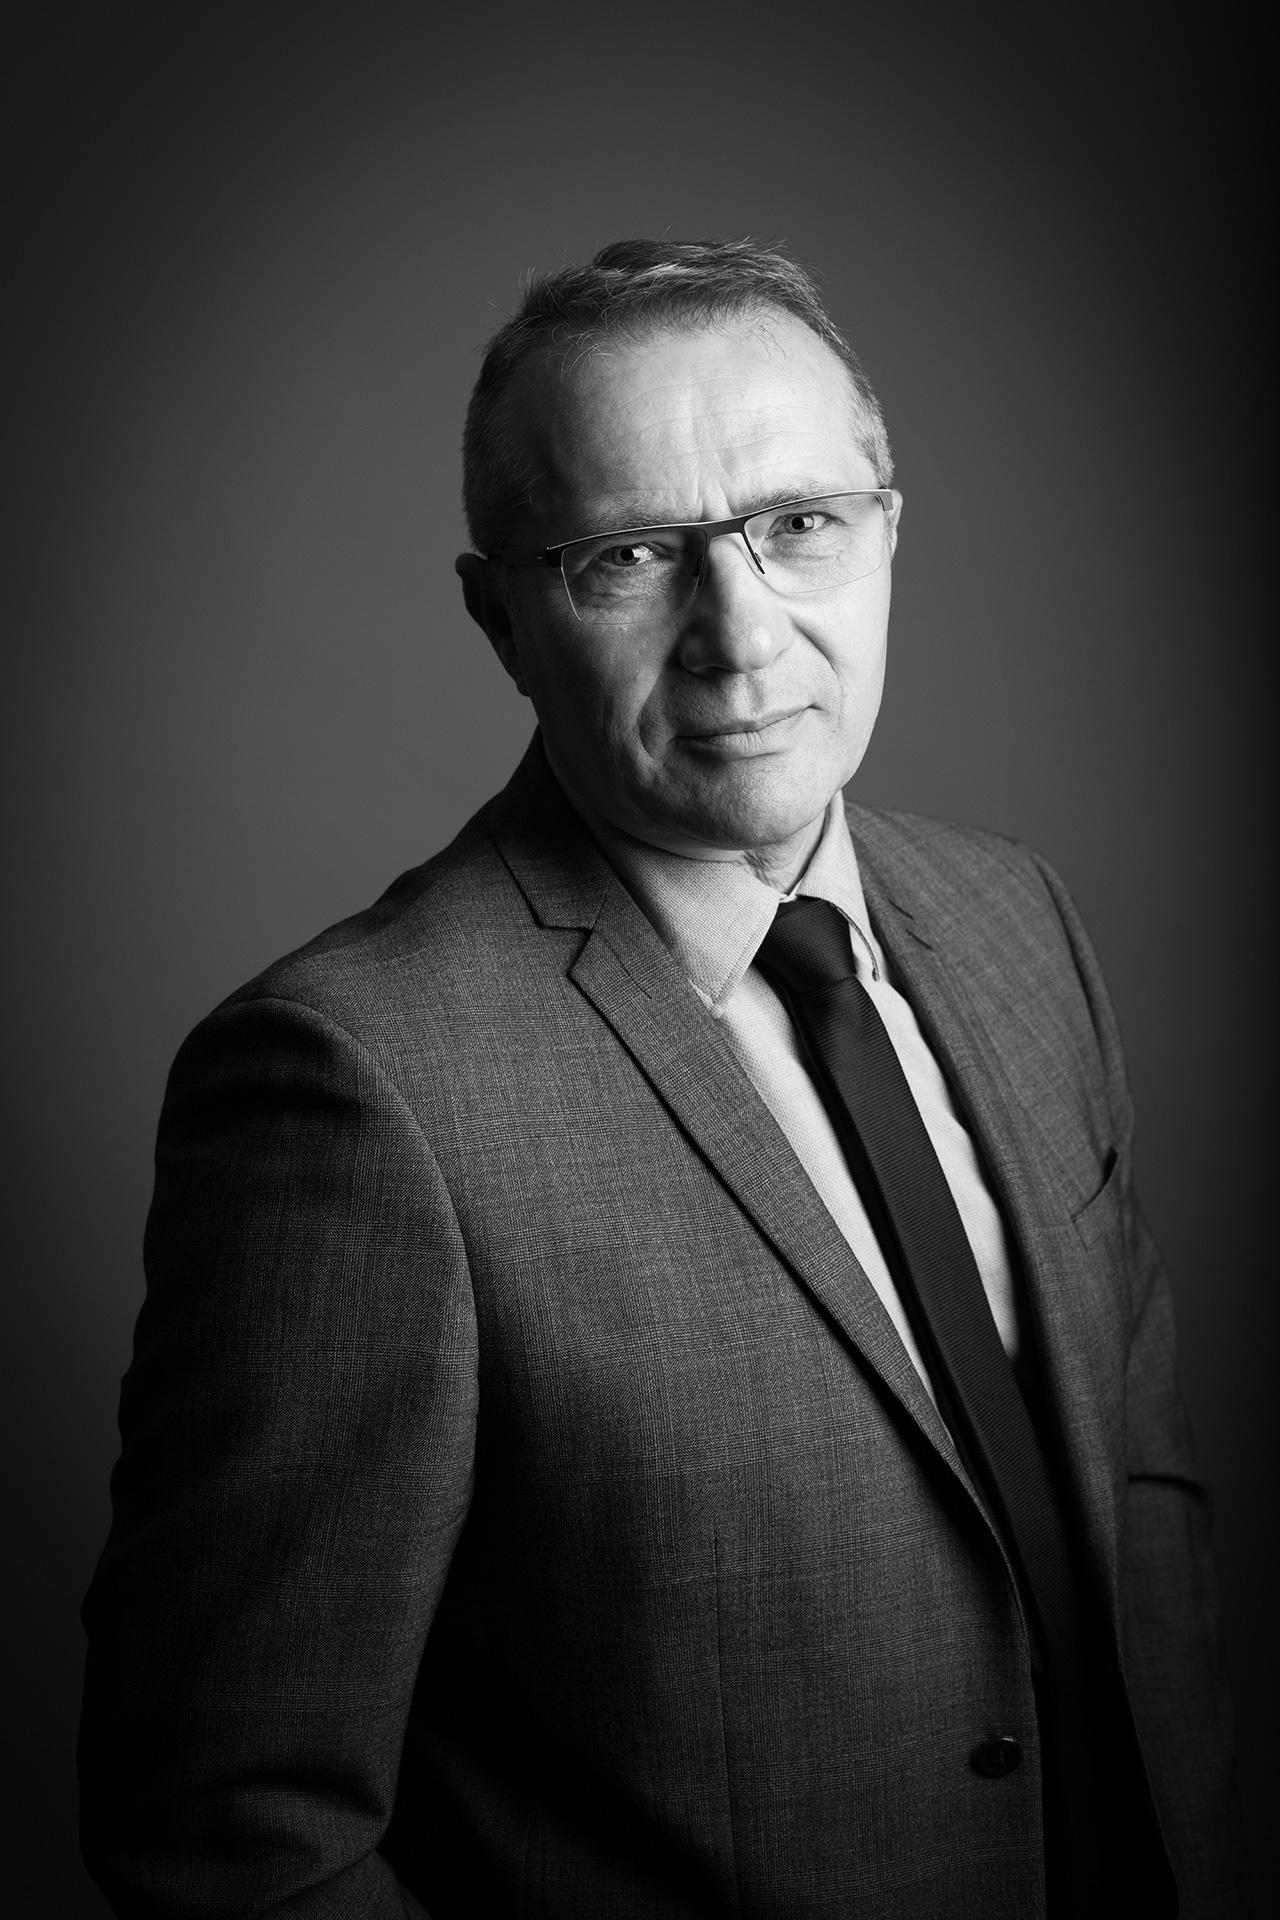 Portrait professionnel noir et blanc